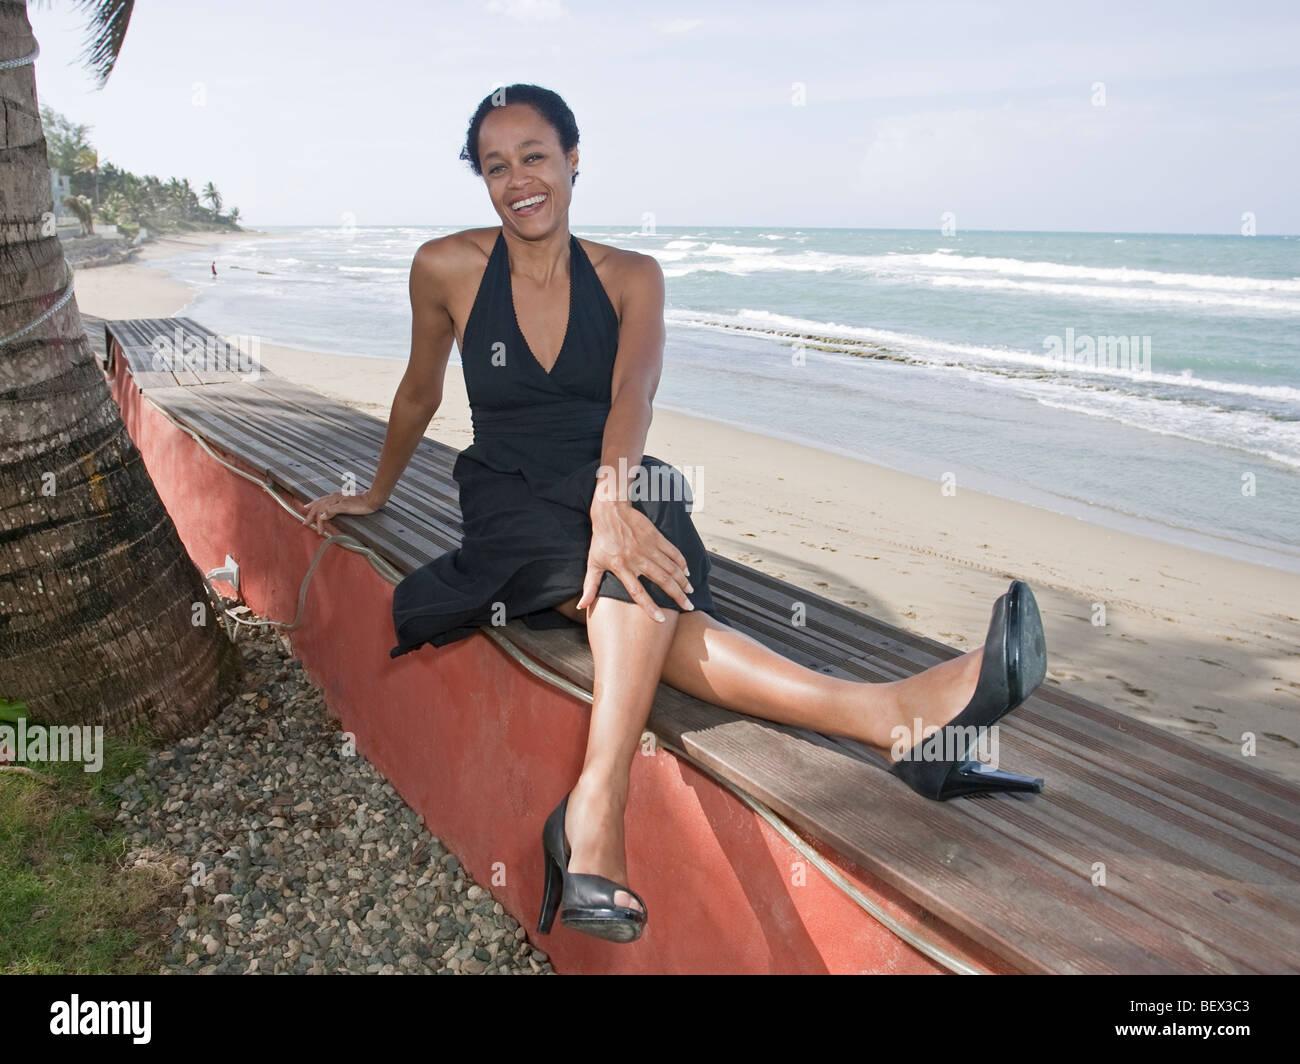 women ocean backdrop crossed legs stock photo royalty